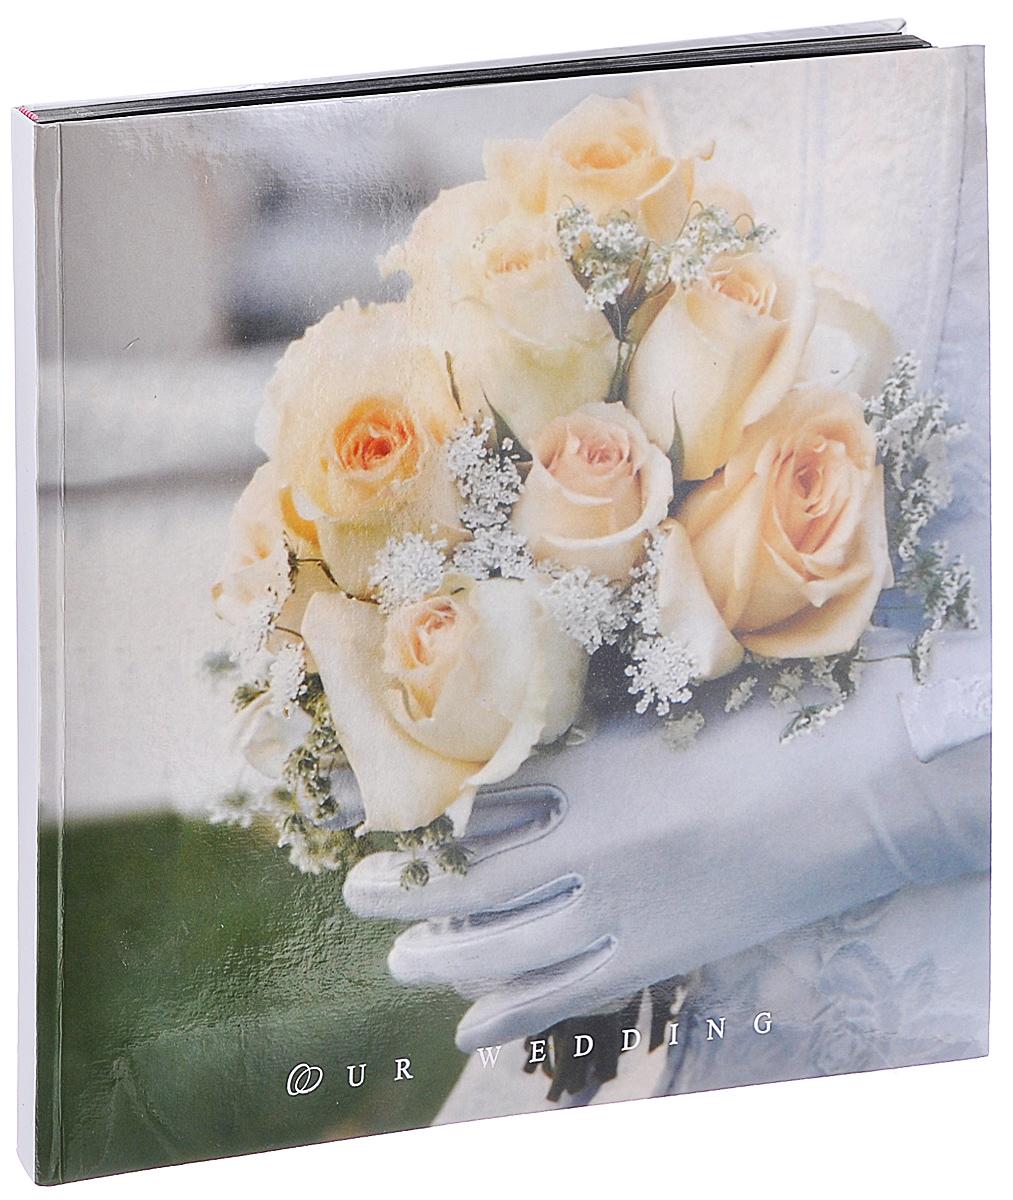 Фотоальбом Pioneer Wedding Love, 10 магнитных листов, 29 см х 32 см12723Фотоальбом Pioneer Wedding Love, изготовленный из картона с клеевым покрытием и пленки ПВХ, сохранит моменты ваших счастливых мгновений на своих страницах! Обложка оформлена ярким изображением цветов. Альбом с магнитными листами удобен тем, что он позволяет размещать фотографии разных размеров.Магнитные страницы обладают следующими преимуществами: - Не нужно прикладывать усилий для закрепления фотографий, - Не нужно заботиться о размерах фотографий, так как вы можете вставить в альбом фотографии разных размеров, - Защита фотографий от постоянных прикосновений зрителей с помощью пленки ПВХ.Нам всегда так приятно вспоминать о самых счастливых моментах жизни, запечатленных на фотографиях. Поэтому фотоальбом является универсальным подарком к любому празднику. Вашим родным, близким и просто знакомым будет приятно помещать фотографии в этот альбом.Количество листов: 10 шт.Размер листа: 29 см х 32 см.